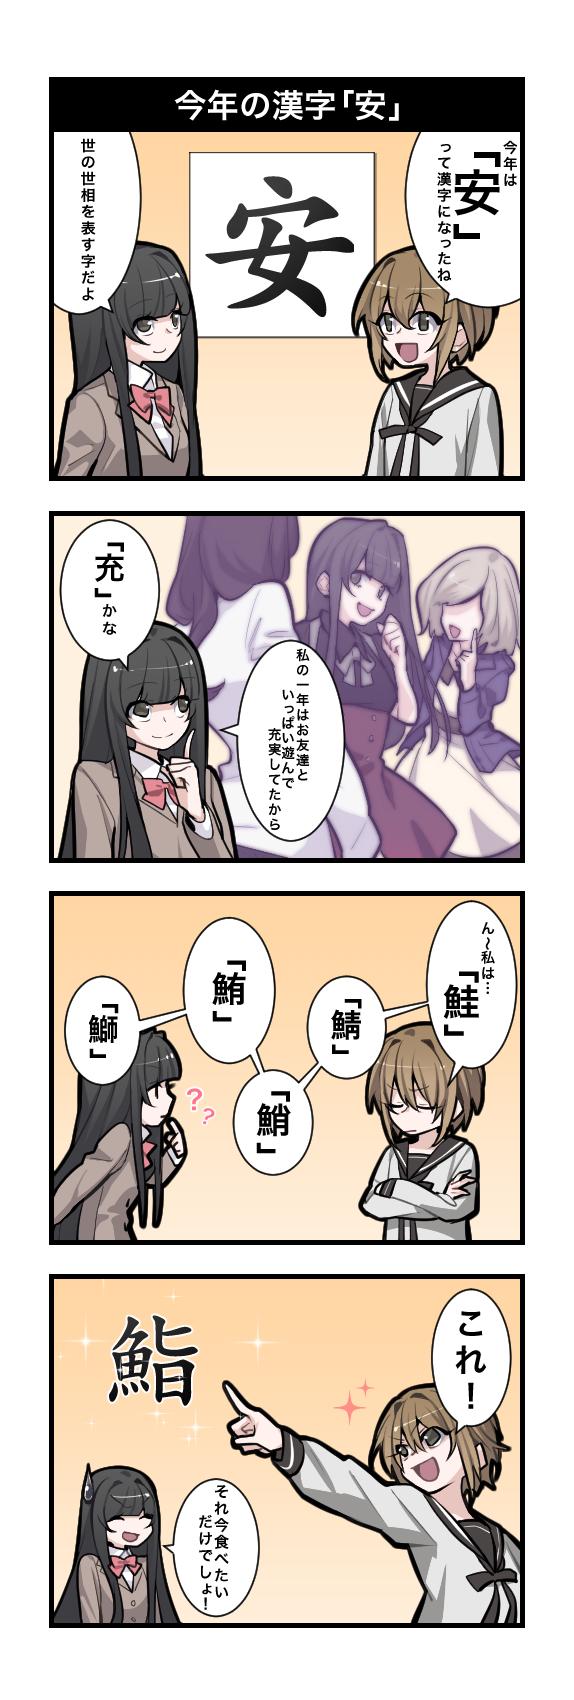 今年の漢字「安」